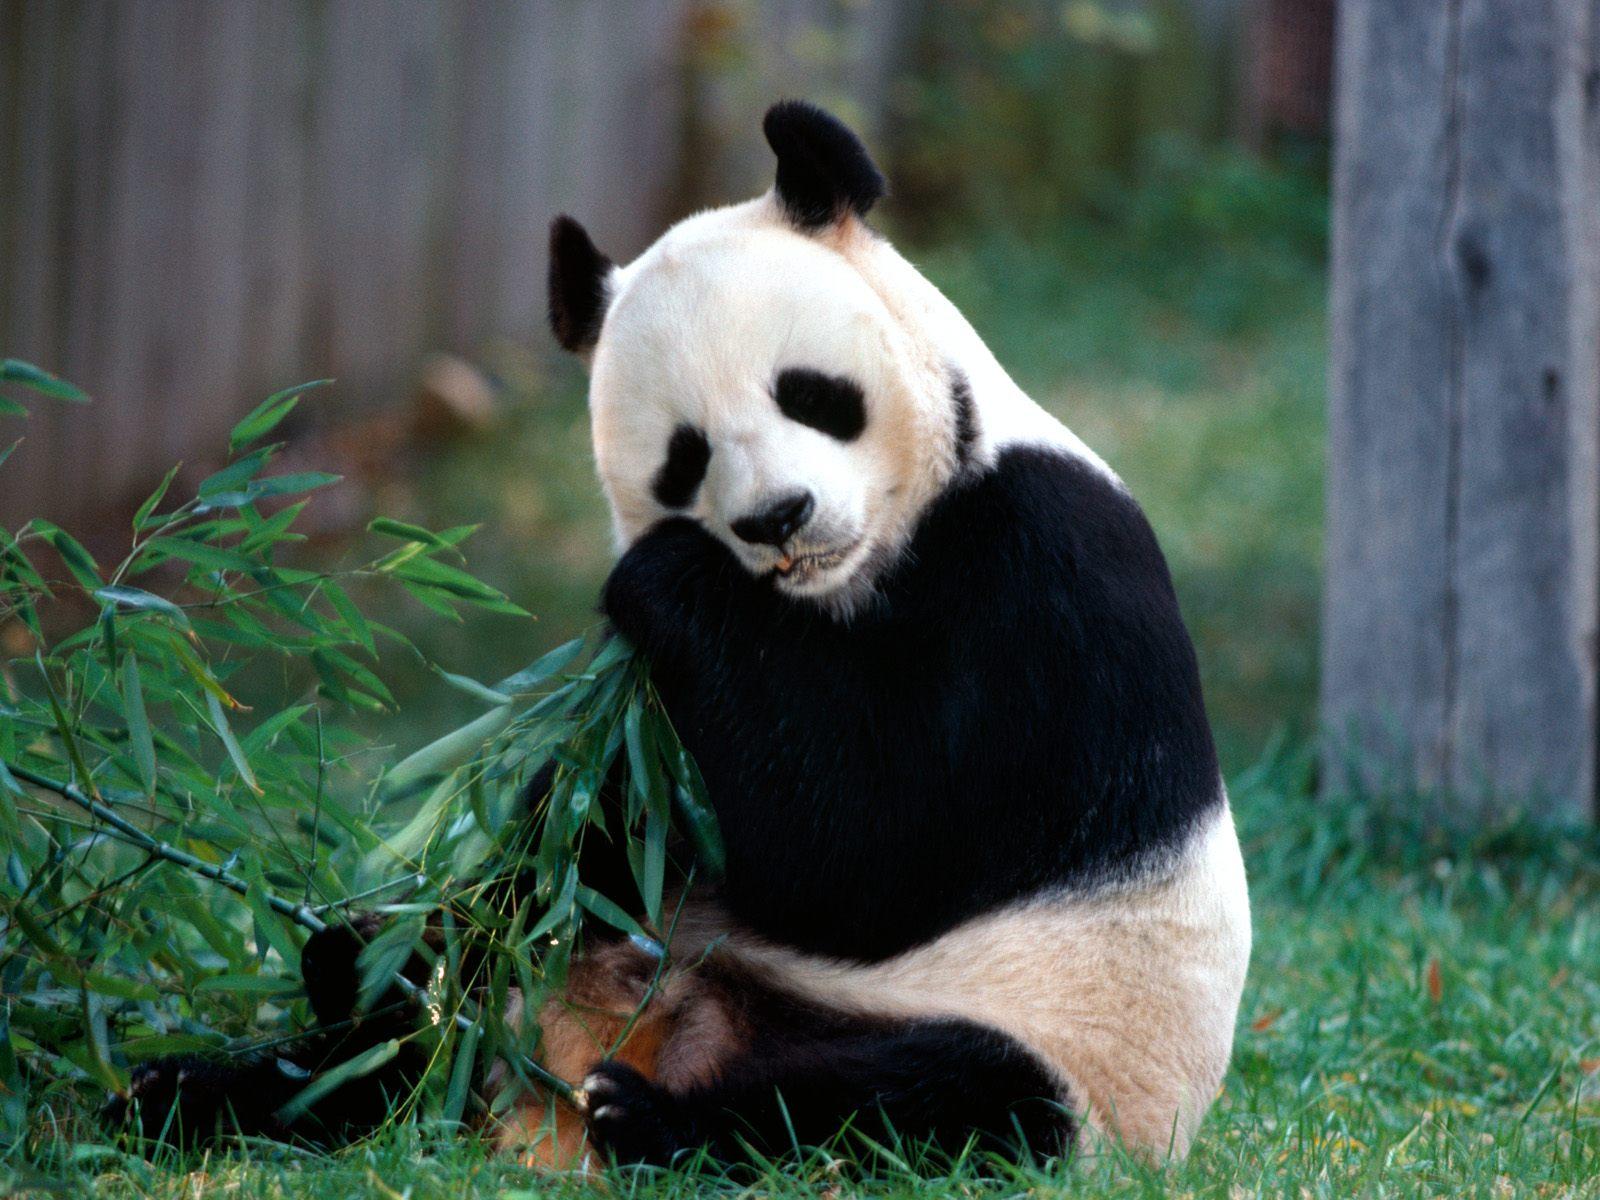 熊猫手机 熊猫手机大全 熊猫手机报价 3533手机世界